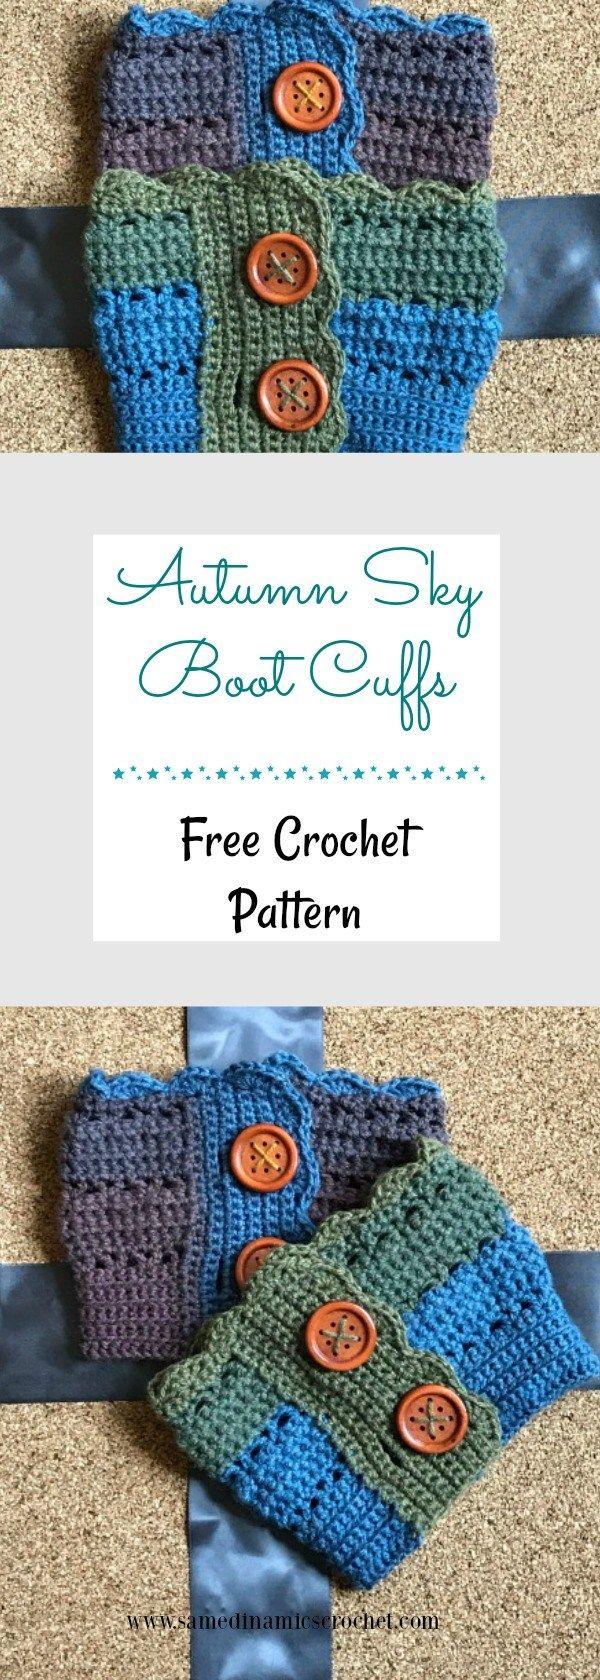 Autumn Sky Boot Cuffs Free Crochet Pattern | Pinterest | Guantes ...